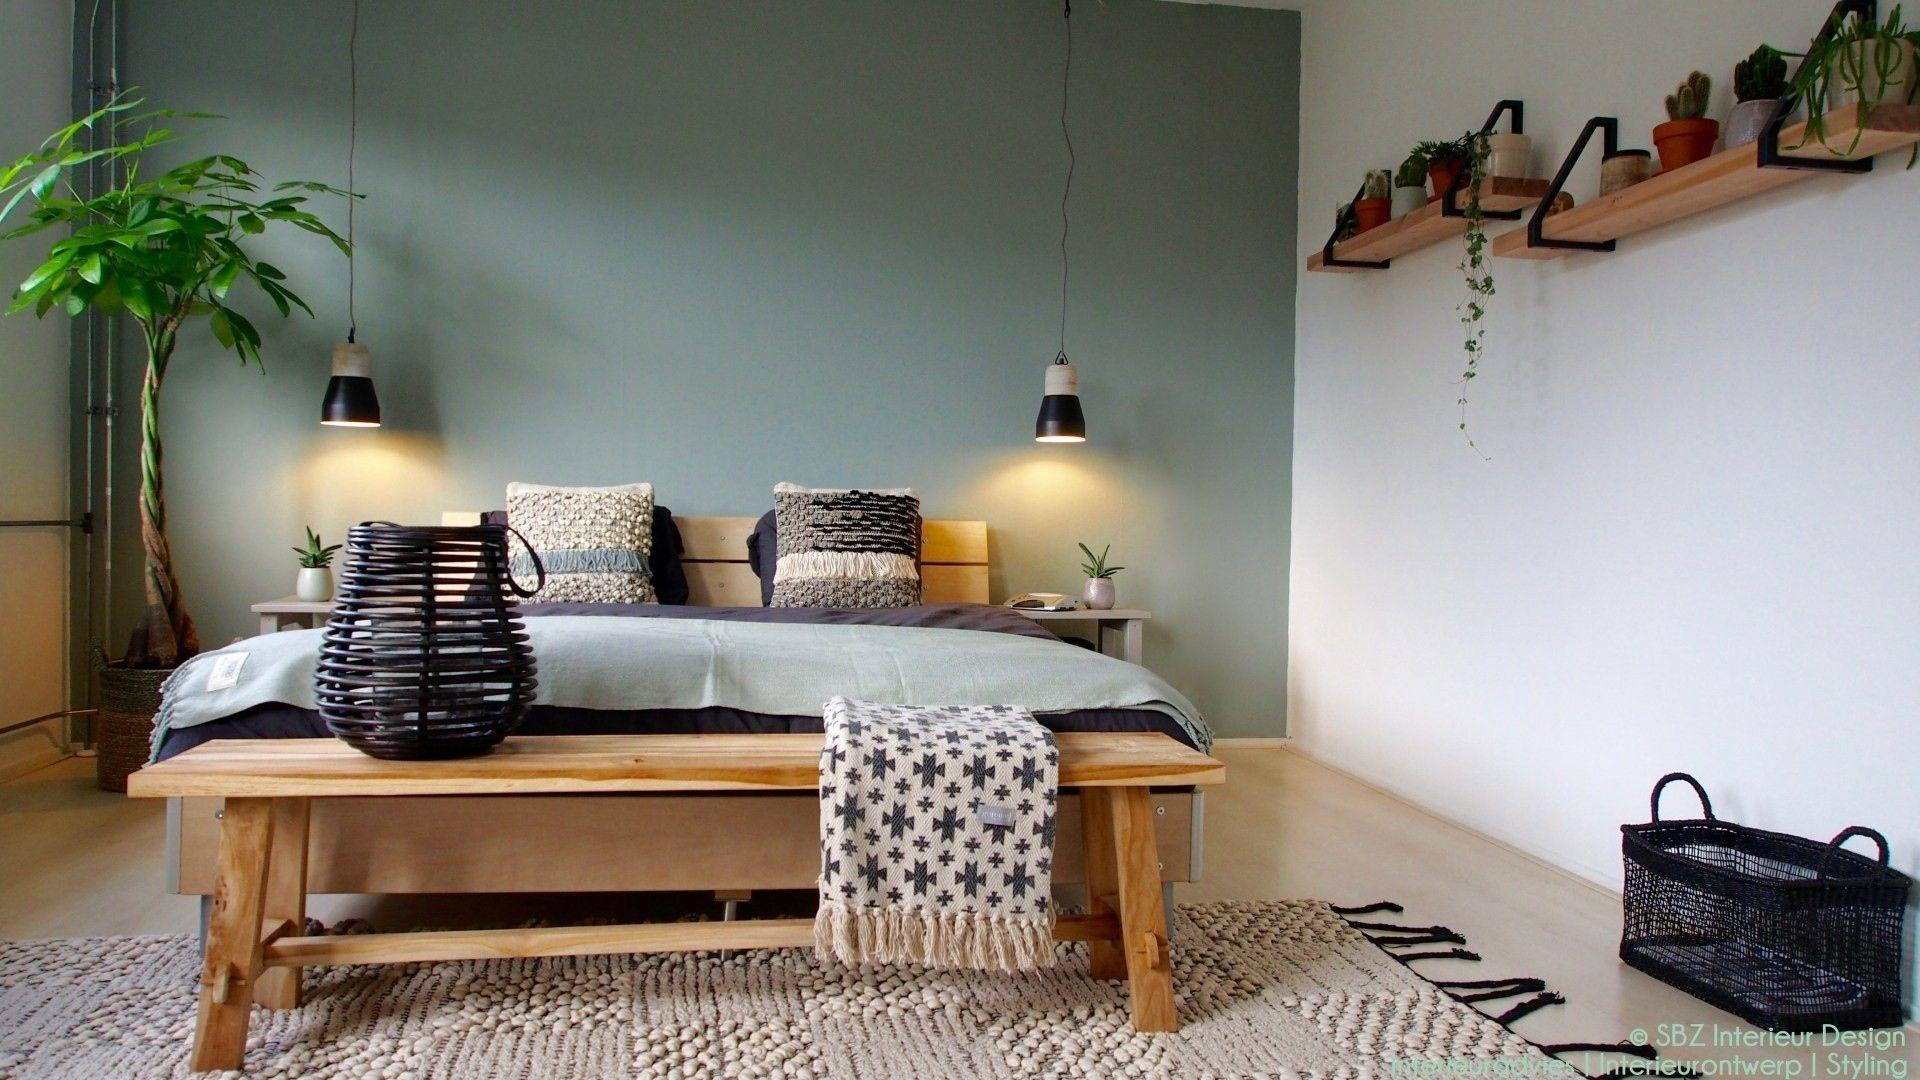 Beste van slaapkamer decoratie action deko